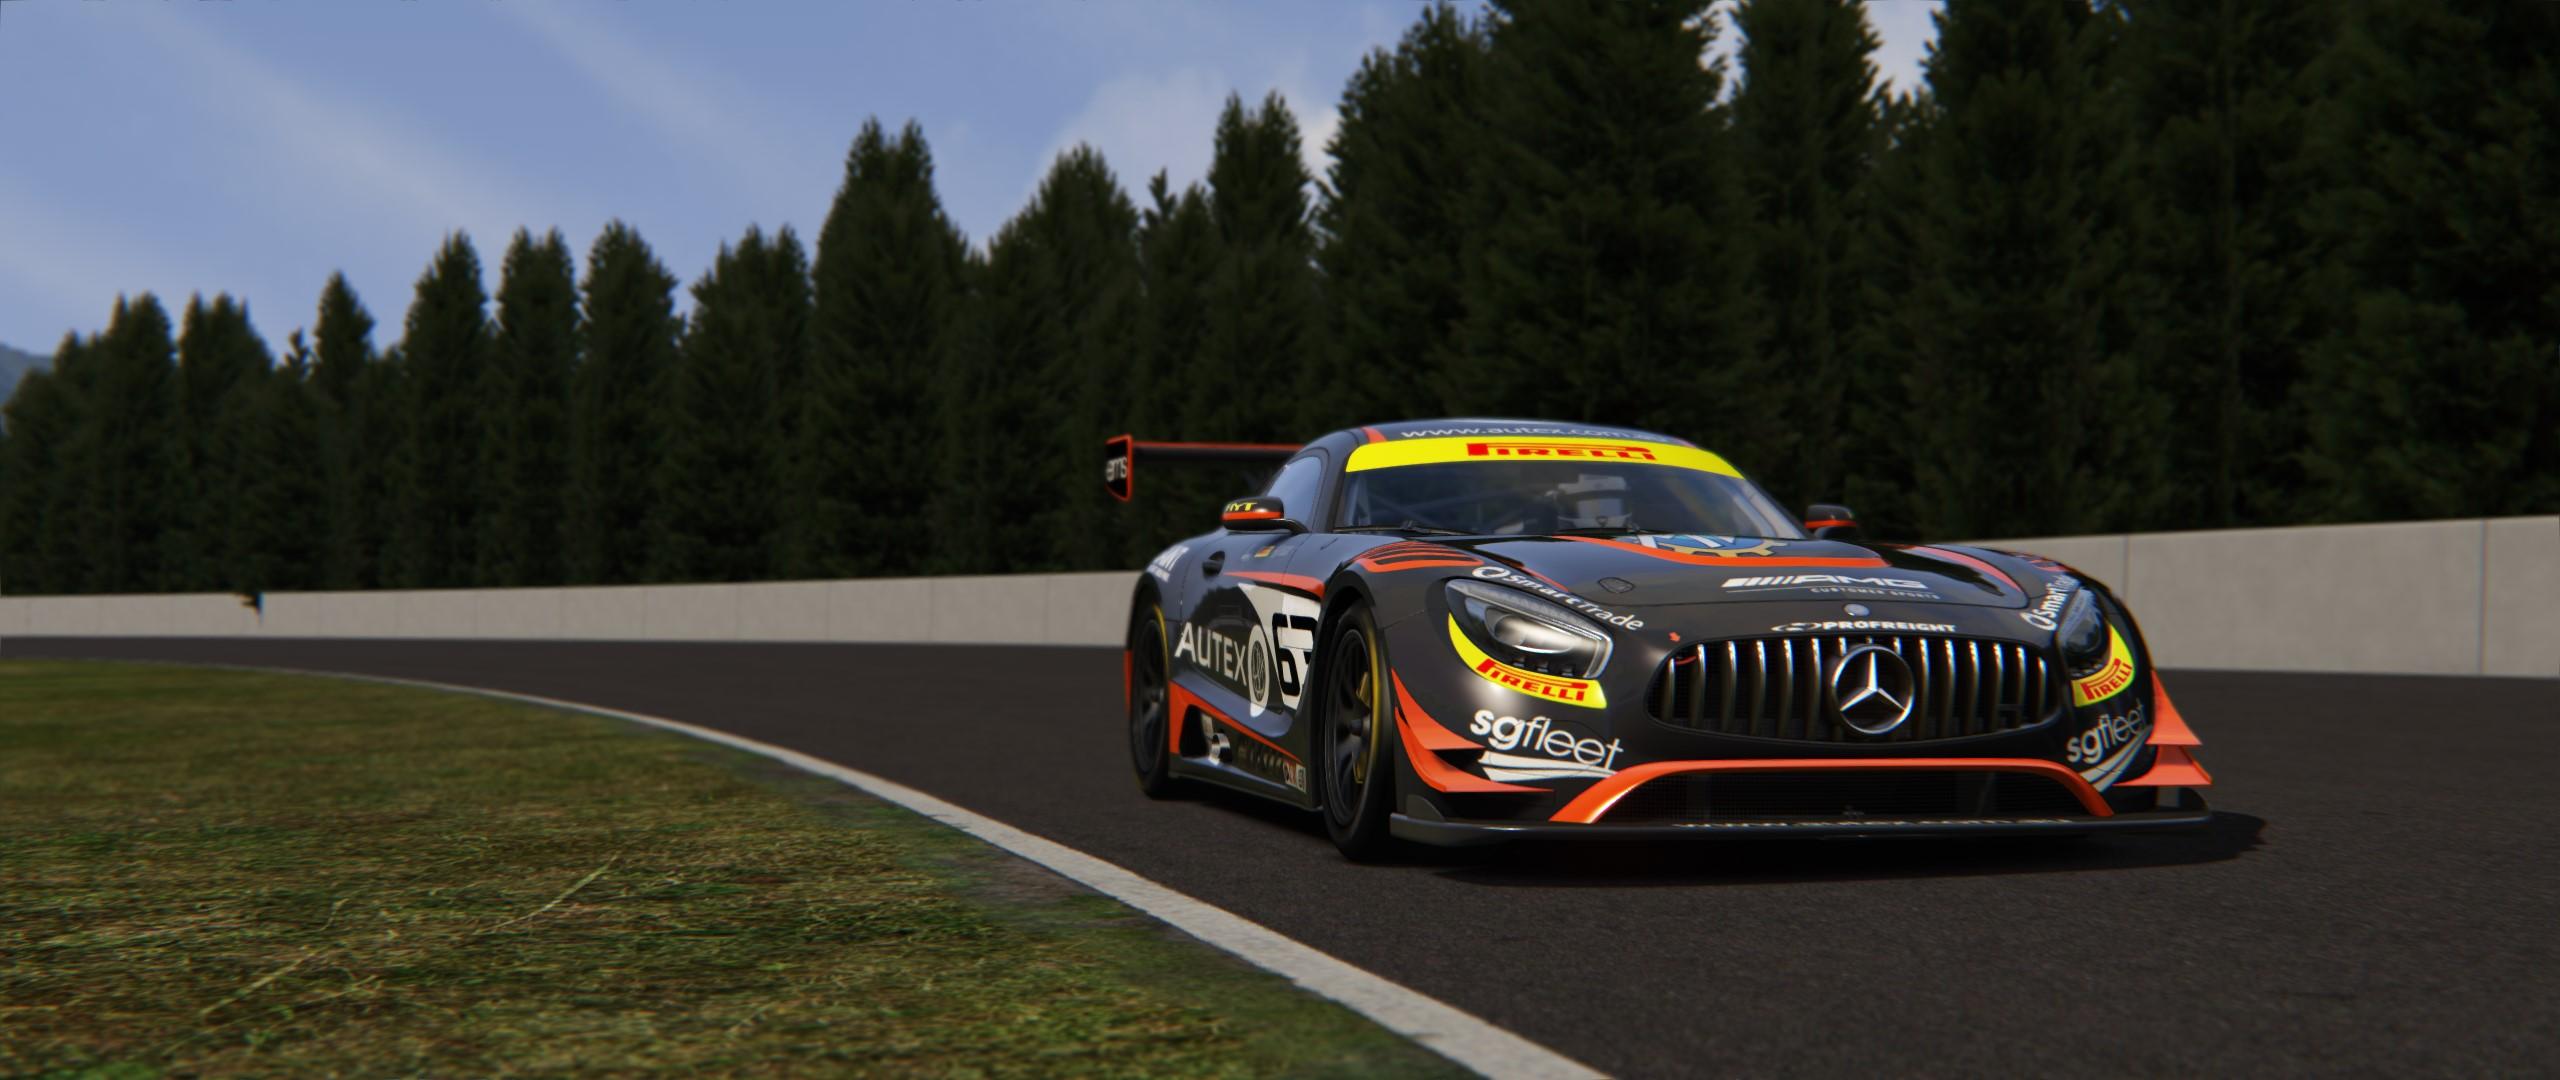 Screenshot_bmw_z4_gt3_highlands_motorsport_park_19-11-116-20-37-40.jpg